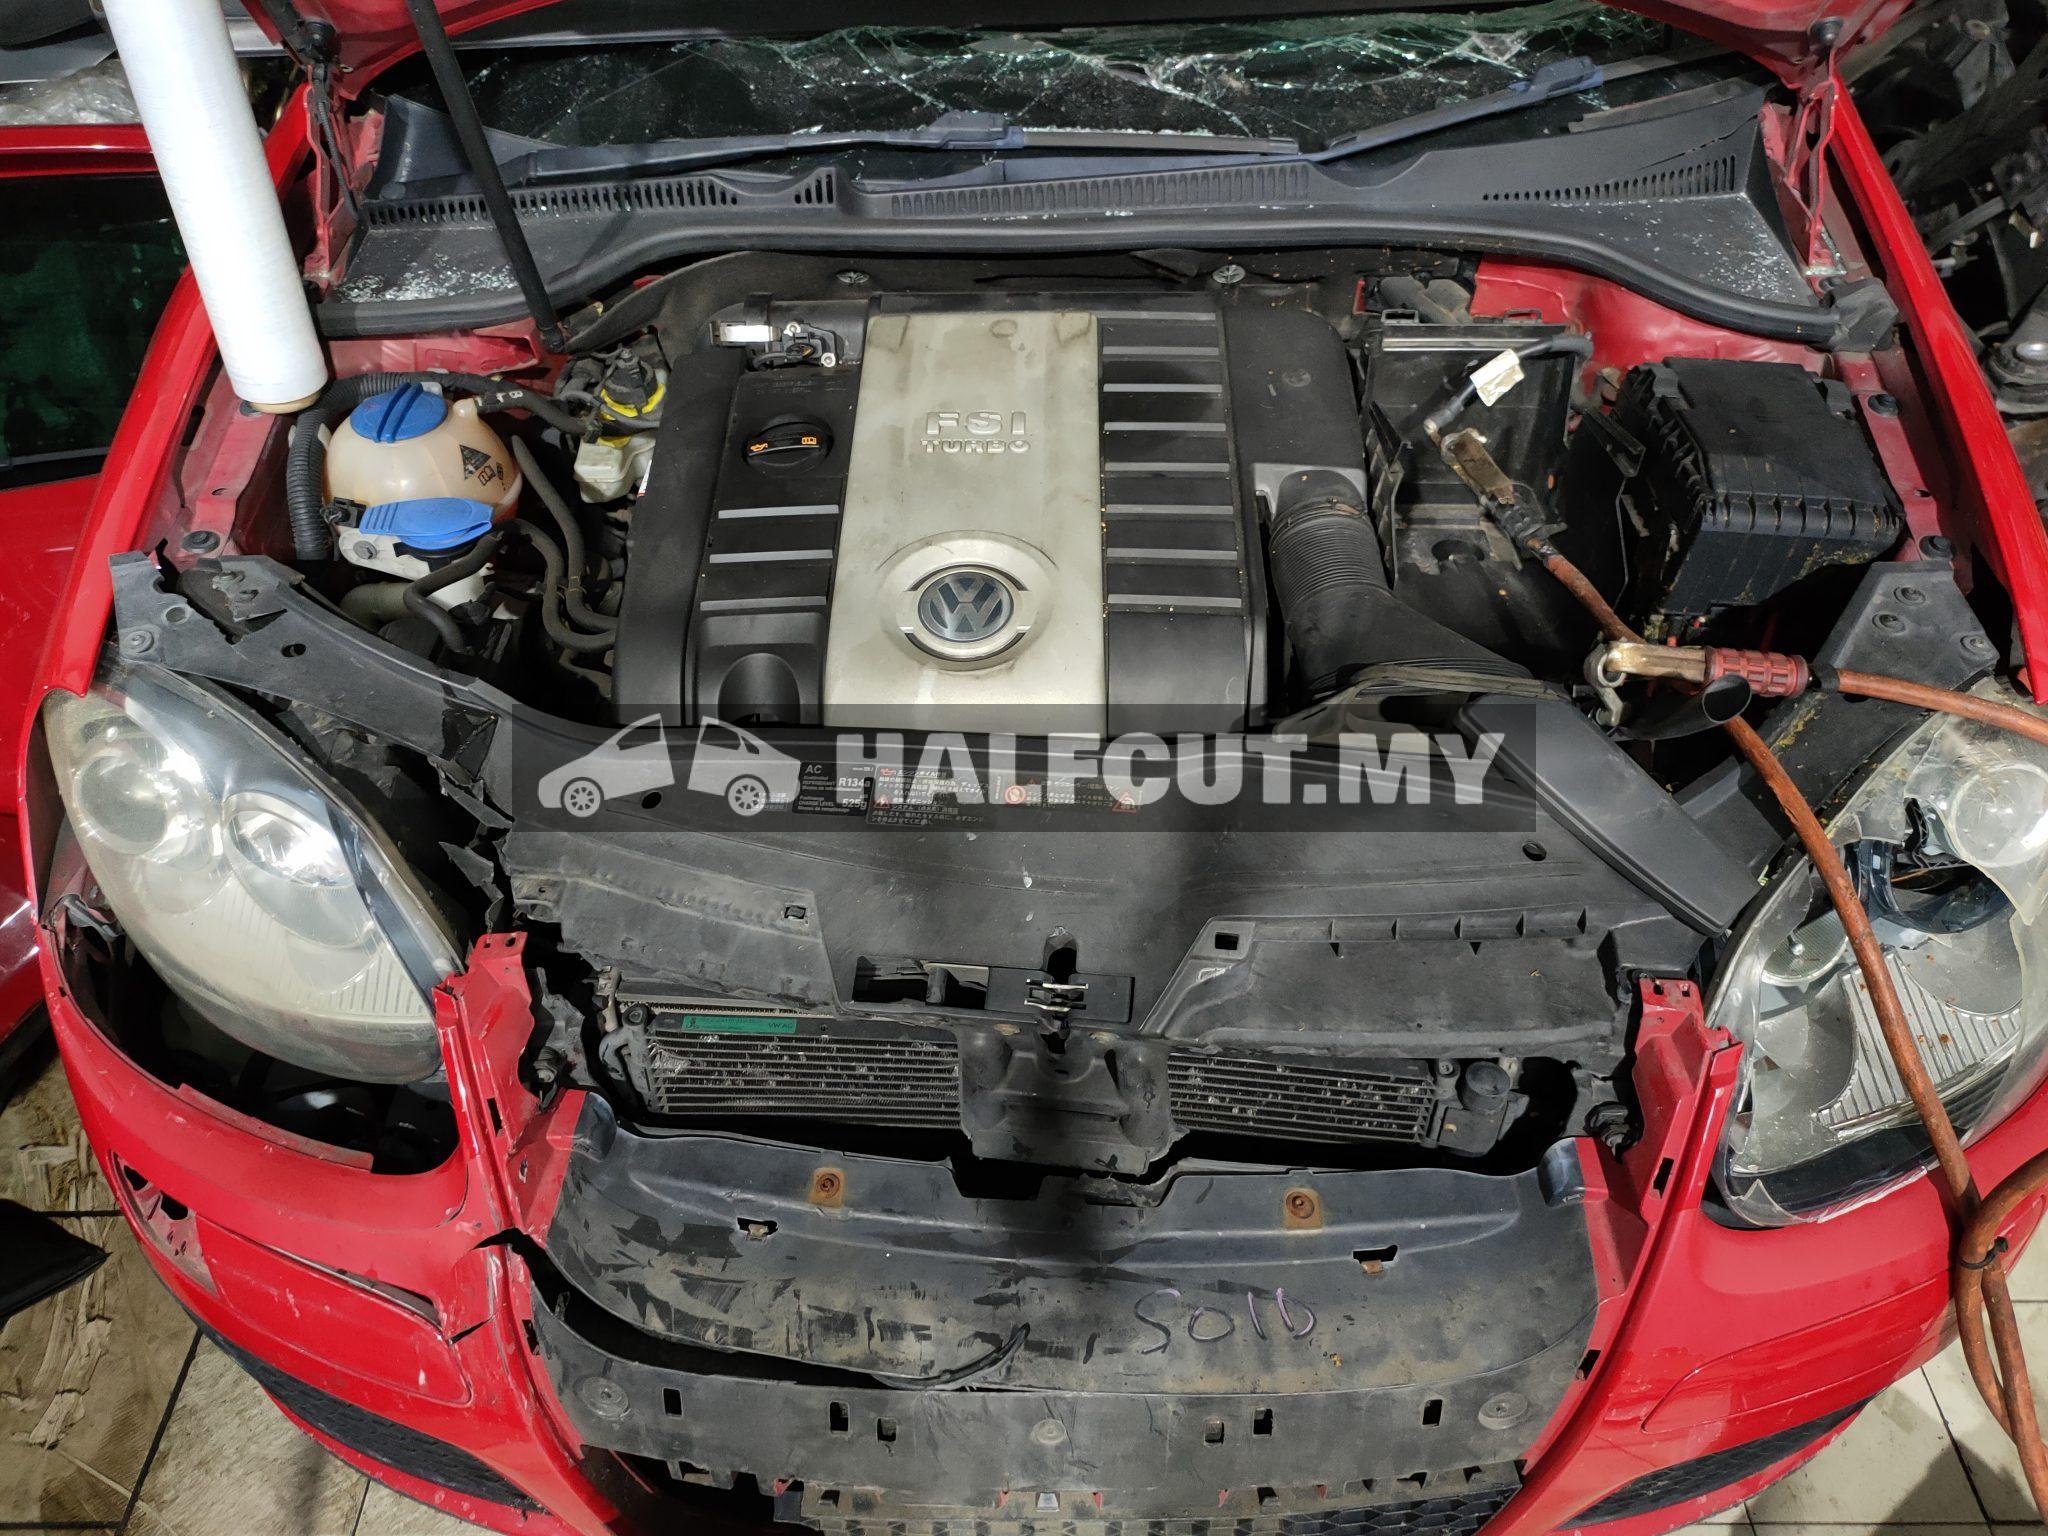 VOLKSWAGEN GOLF GTI MK5 BWA HALFCUT CKD